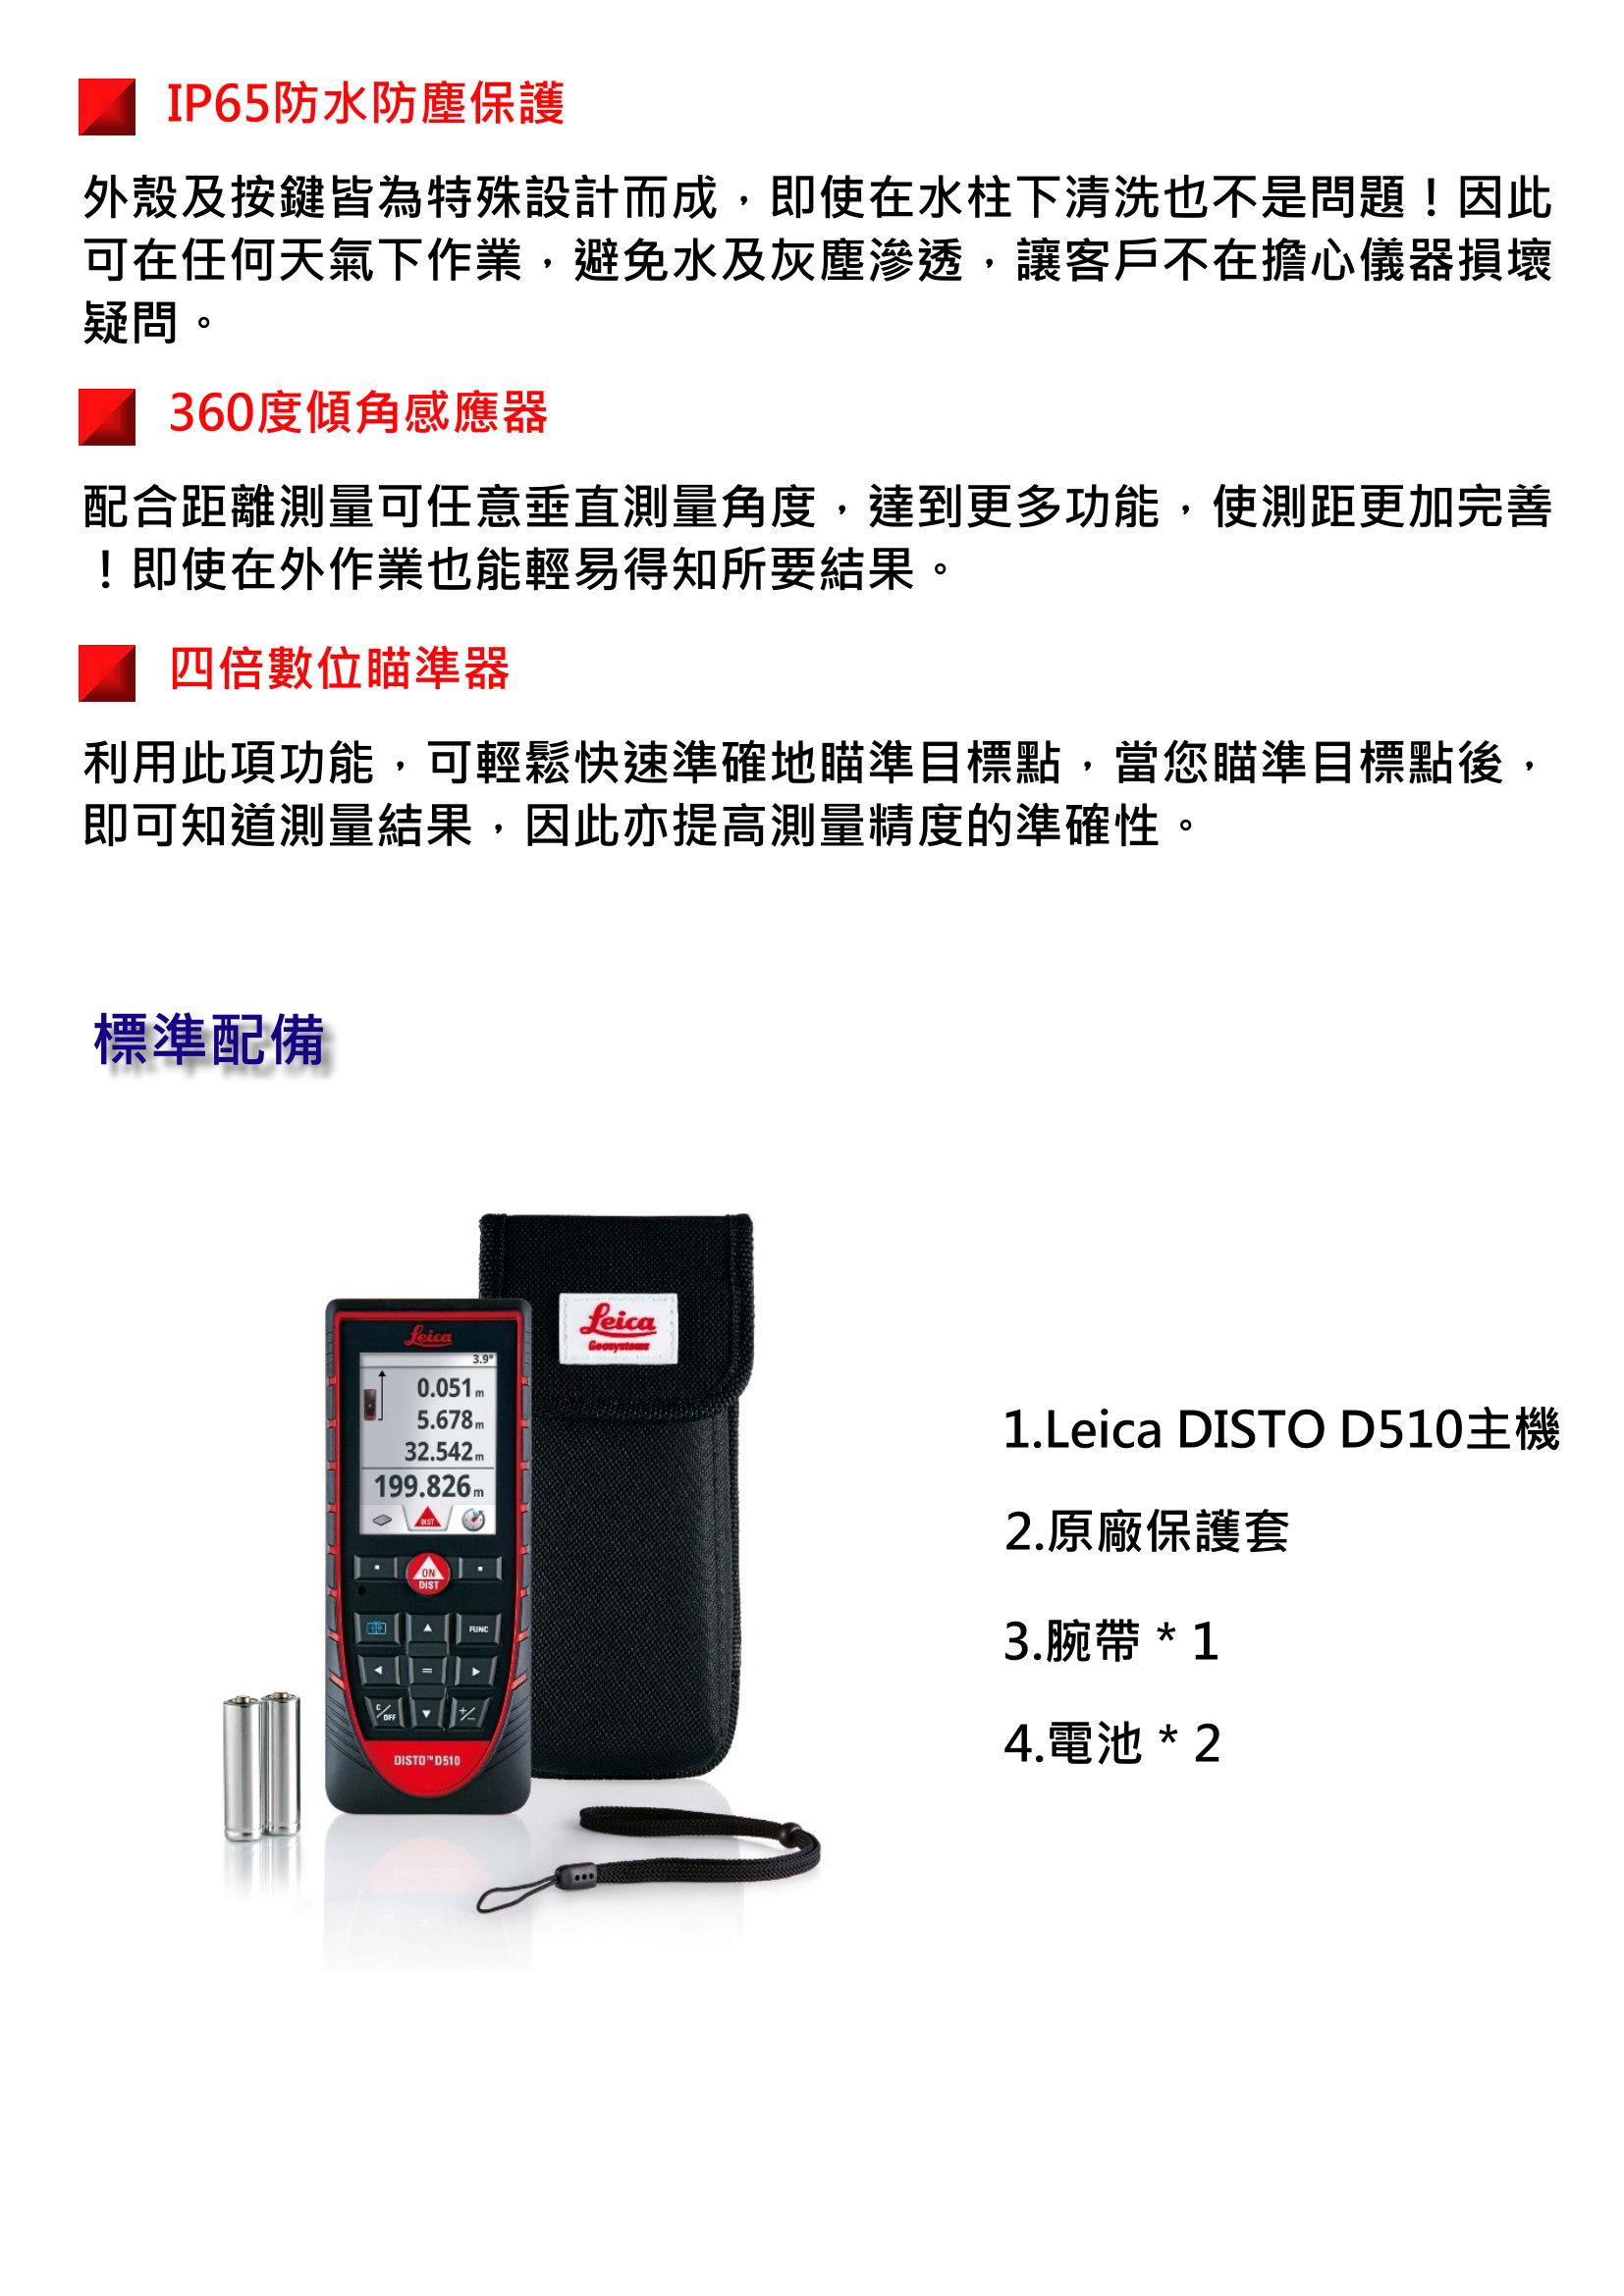 Leica%20DISTO%20D510 手持雷射測距儀Leica DISTO D510